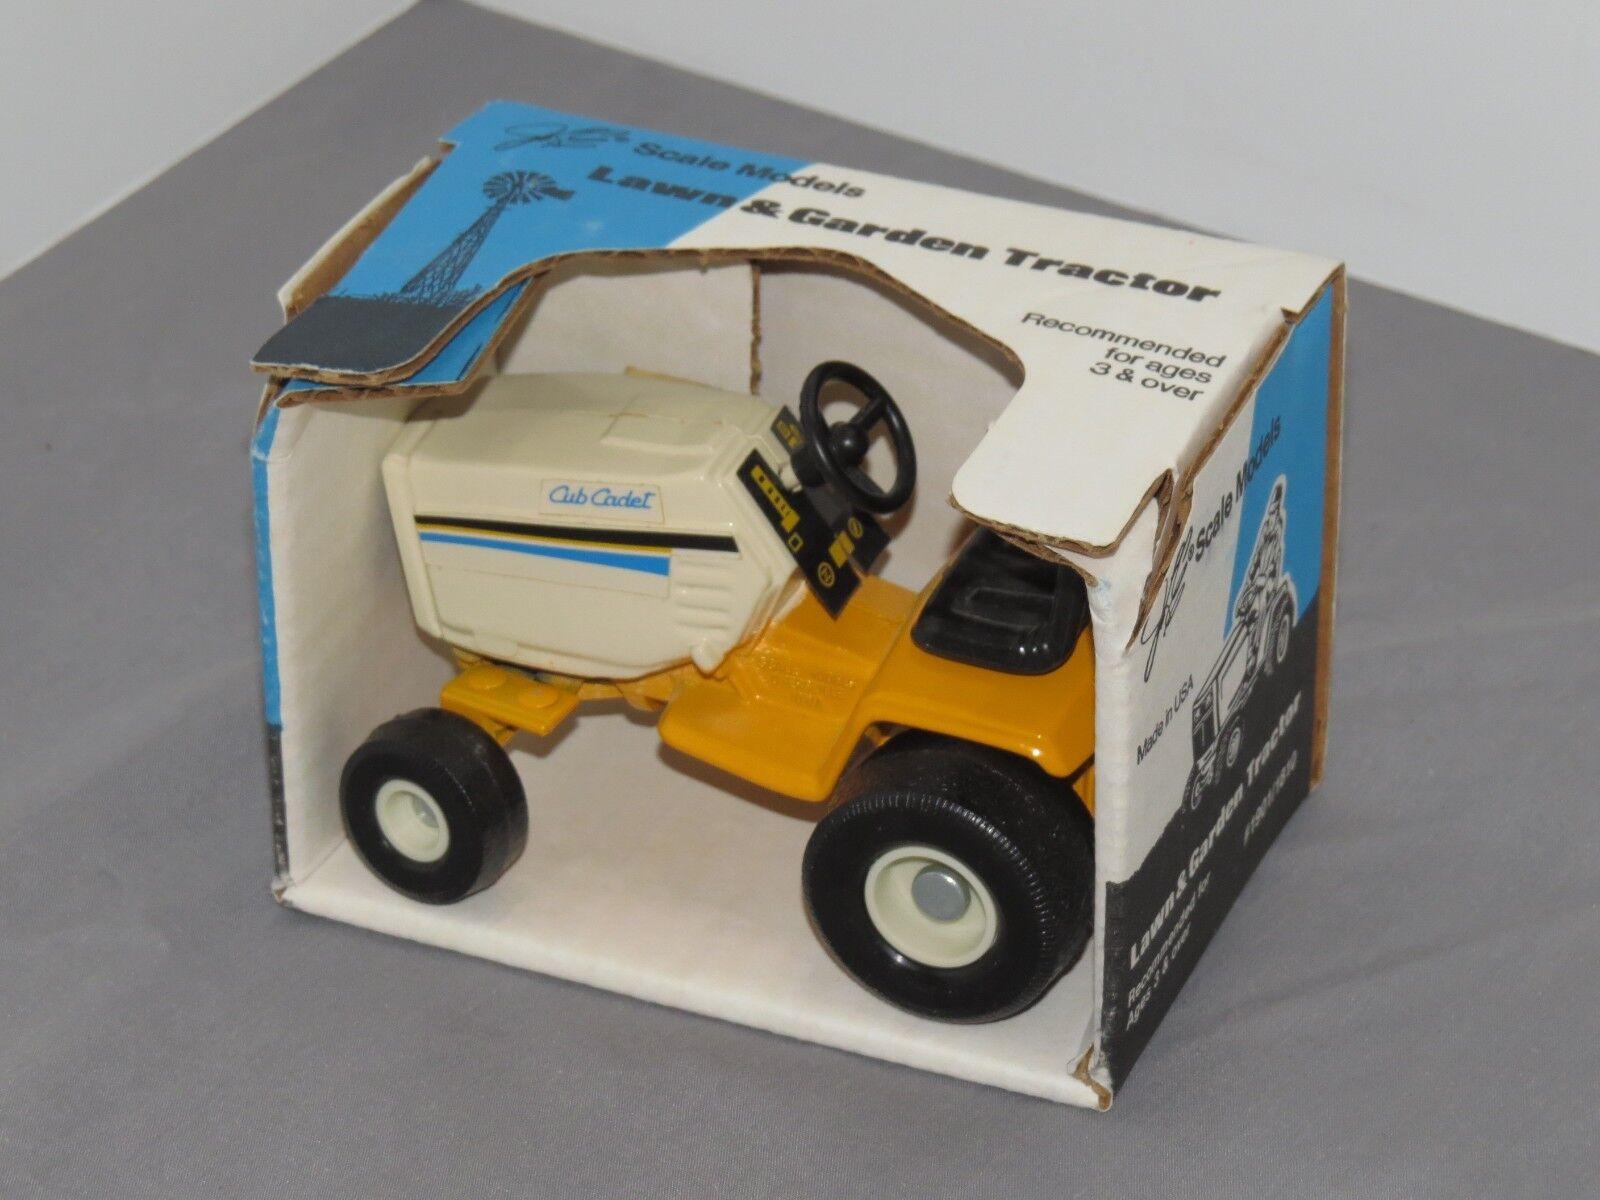 Vintage Cub Cadet Lawn Lawn Lawn & Garden Tractor by Scale Models NIB 1 16 MINT ea5fec